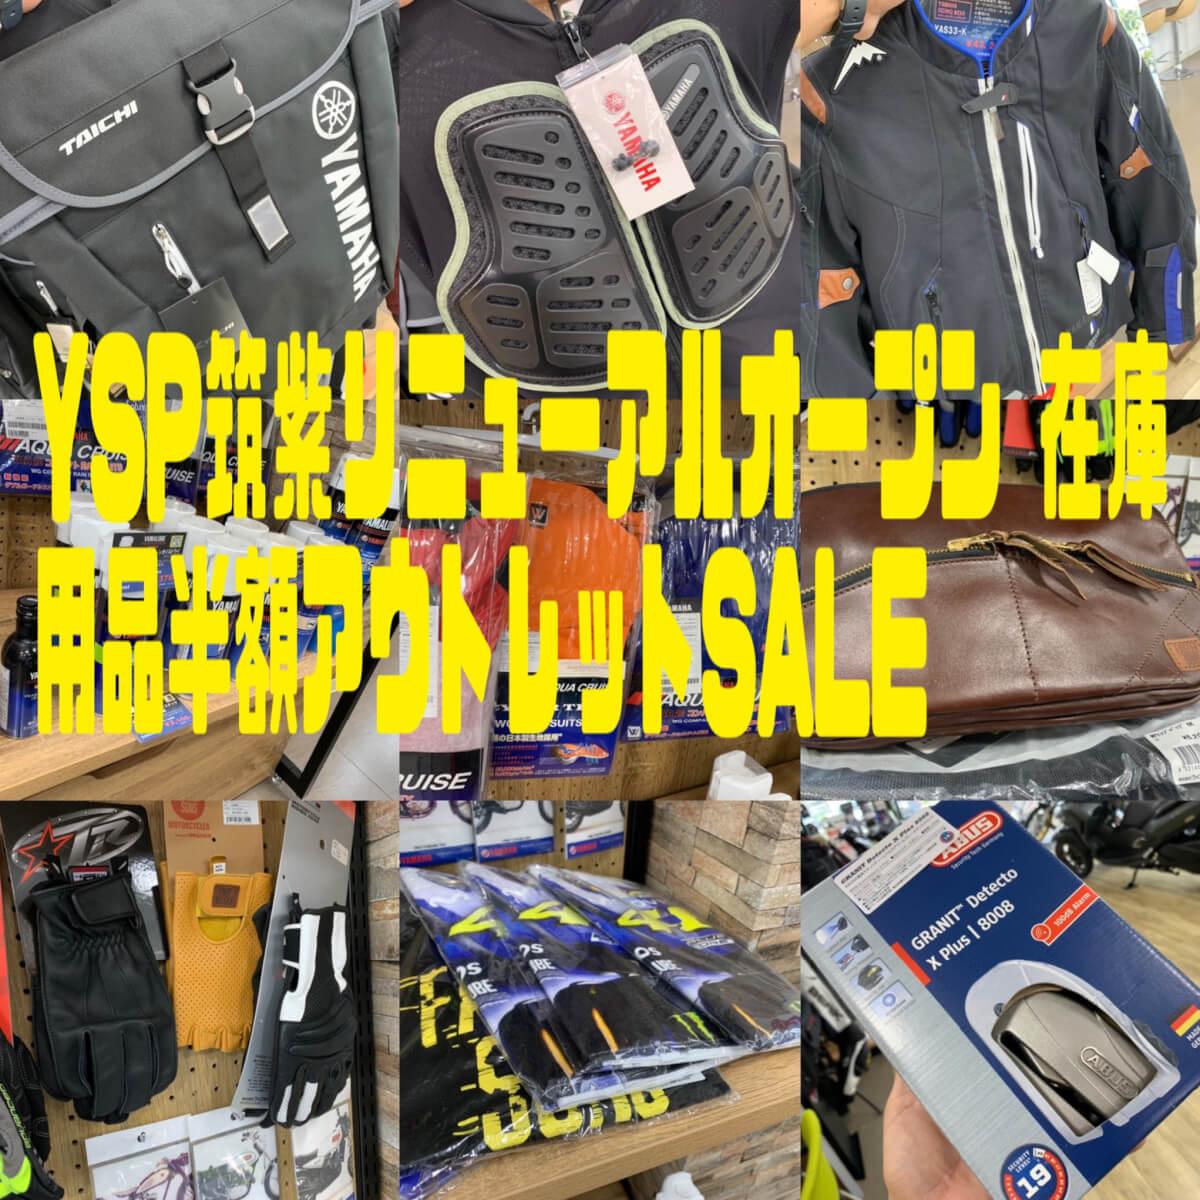 YSP筑紫リニューアルイベント 在庫商品 半額アウトレットSALE